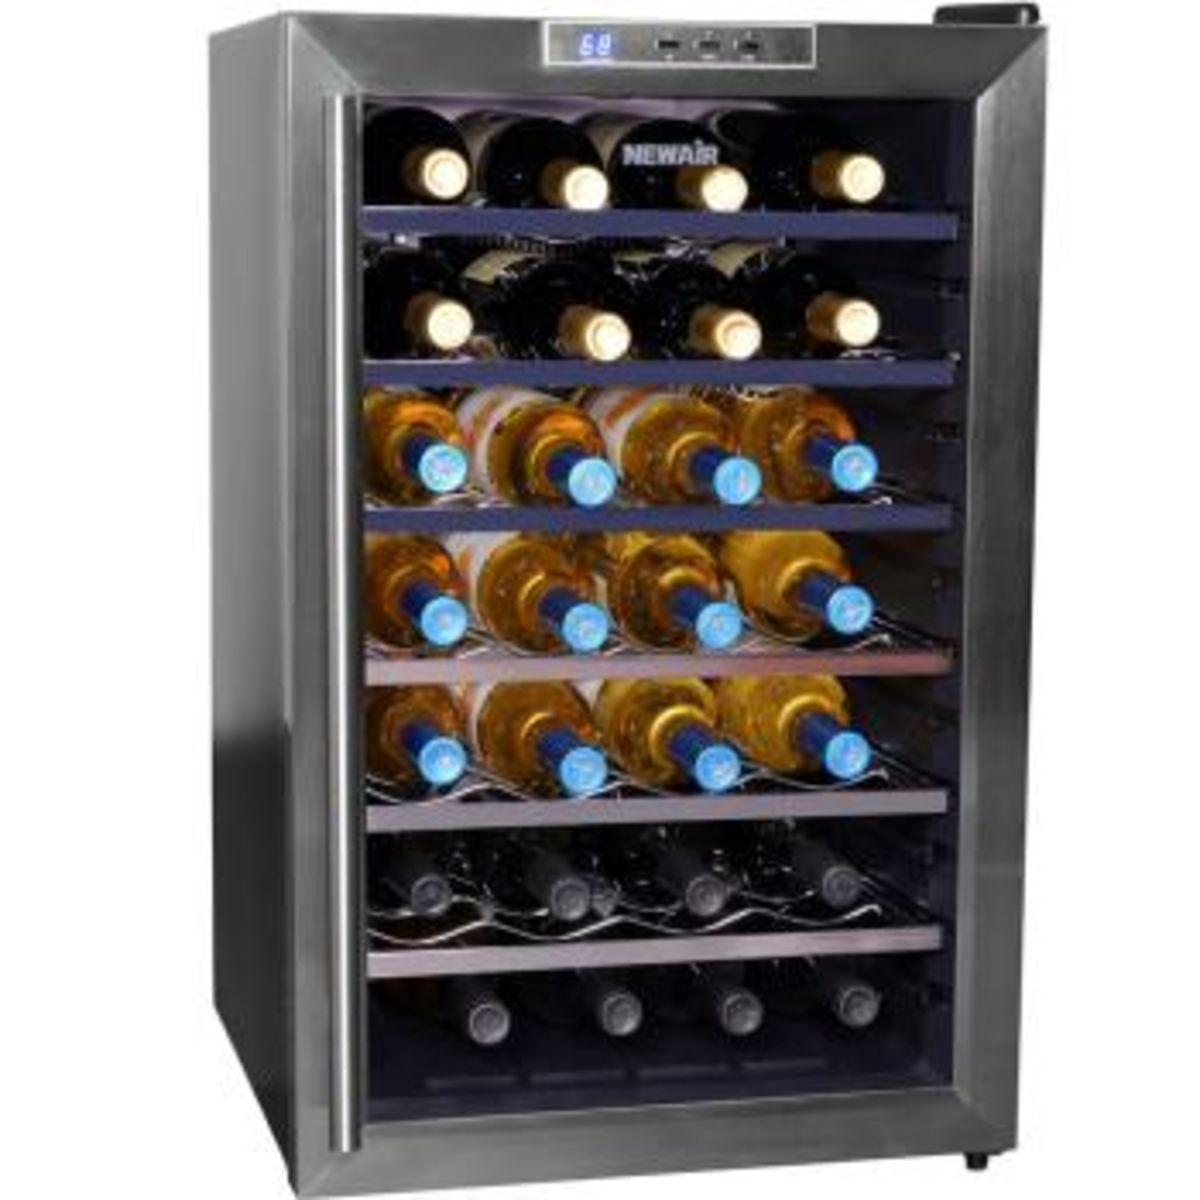 Wine Refrigerator Reviews >> Best Quiet Wine Refrigerator Storage Cabinets On Sale ...